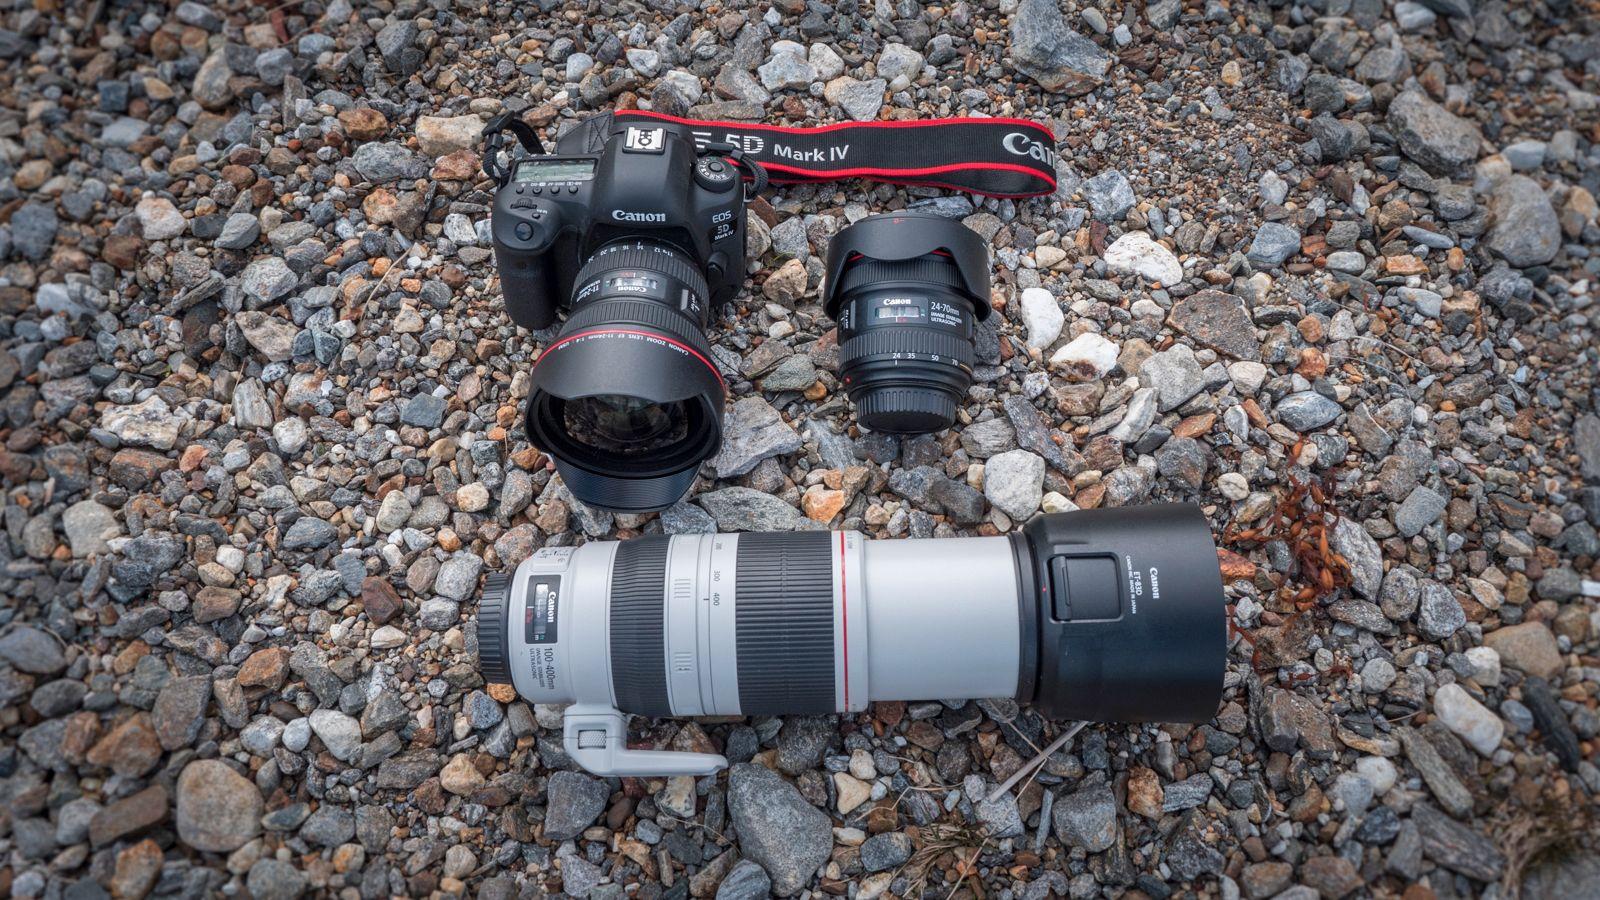 Canon EOS 5D Mark IV og objektivene Canon EF 11-24mm f/4L USM, Canon EF 24-70mm f/4L IS USM og Canon EF 100-400mm f/4.5-5.6L IS USM. I butikken hadde herligheten kostet 95 000 kroner. Ja, det er en grunn til at vi ikke anbefaler fullformat til andre enn profesjonelle eller særlig dedikerte amatører.